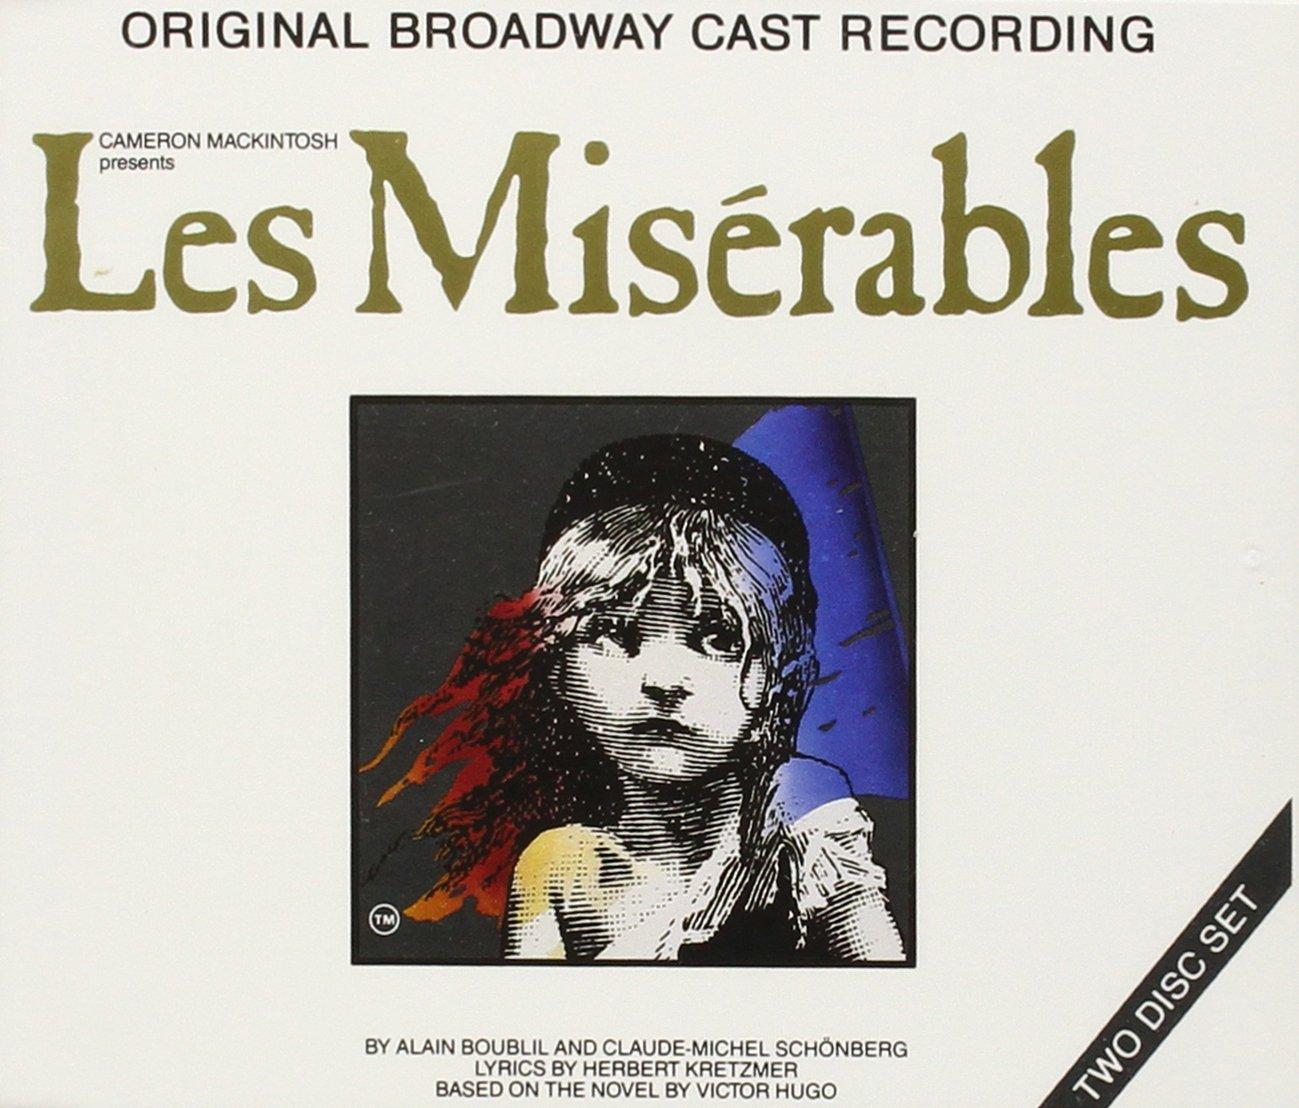 Les Miserables (1987 Original Broadway Cast) by Decca